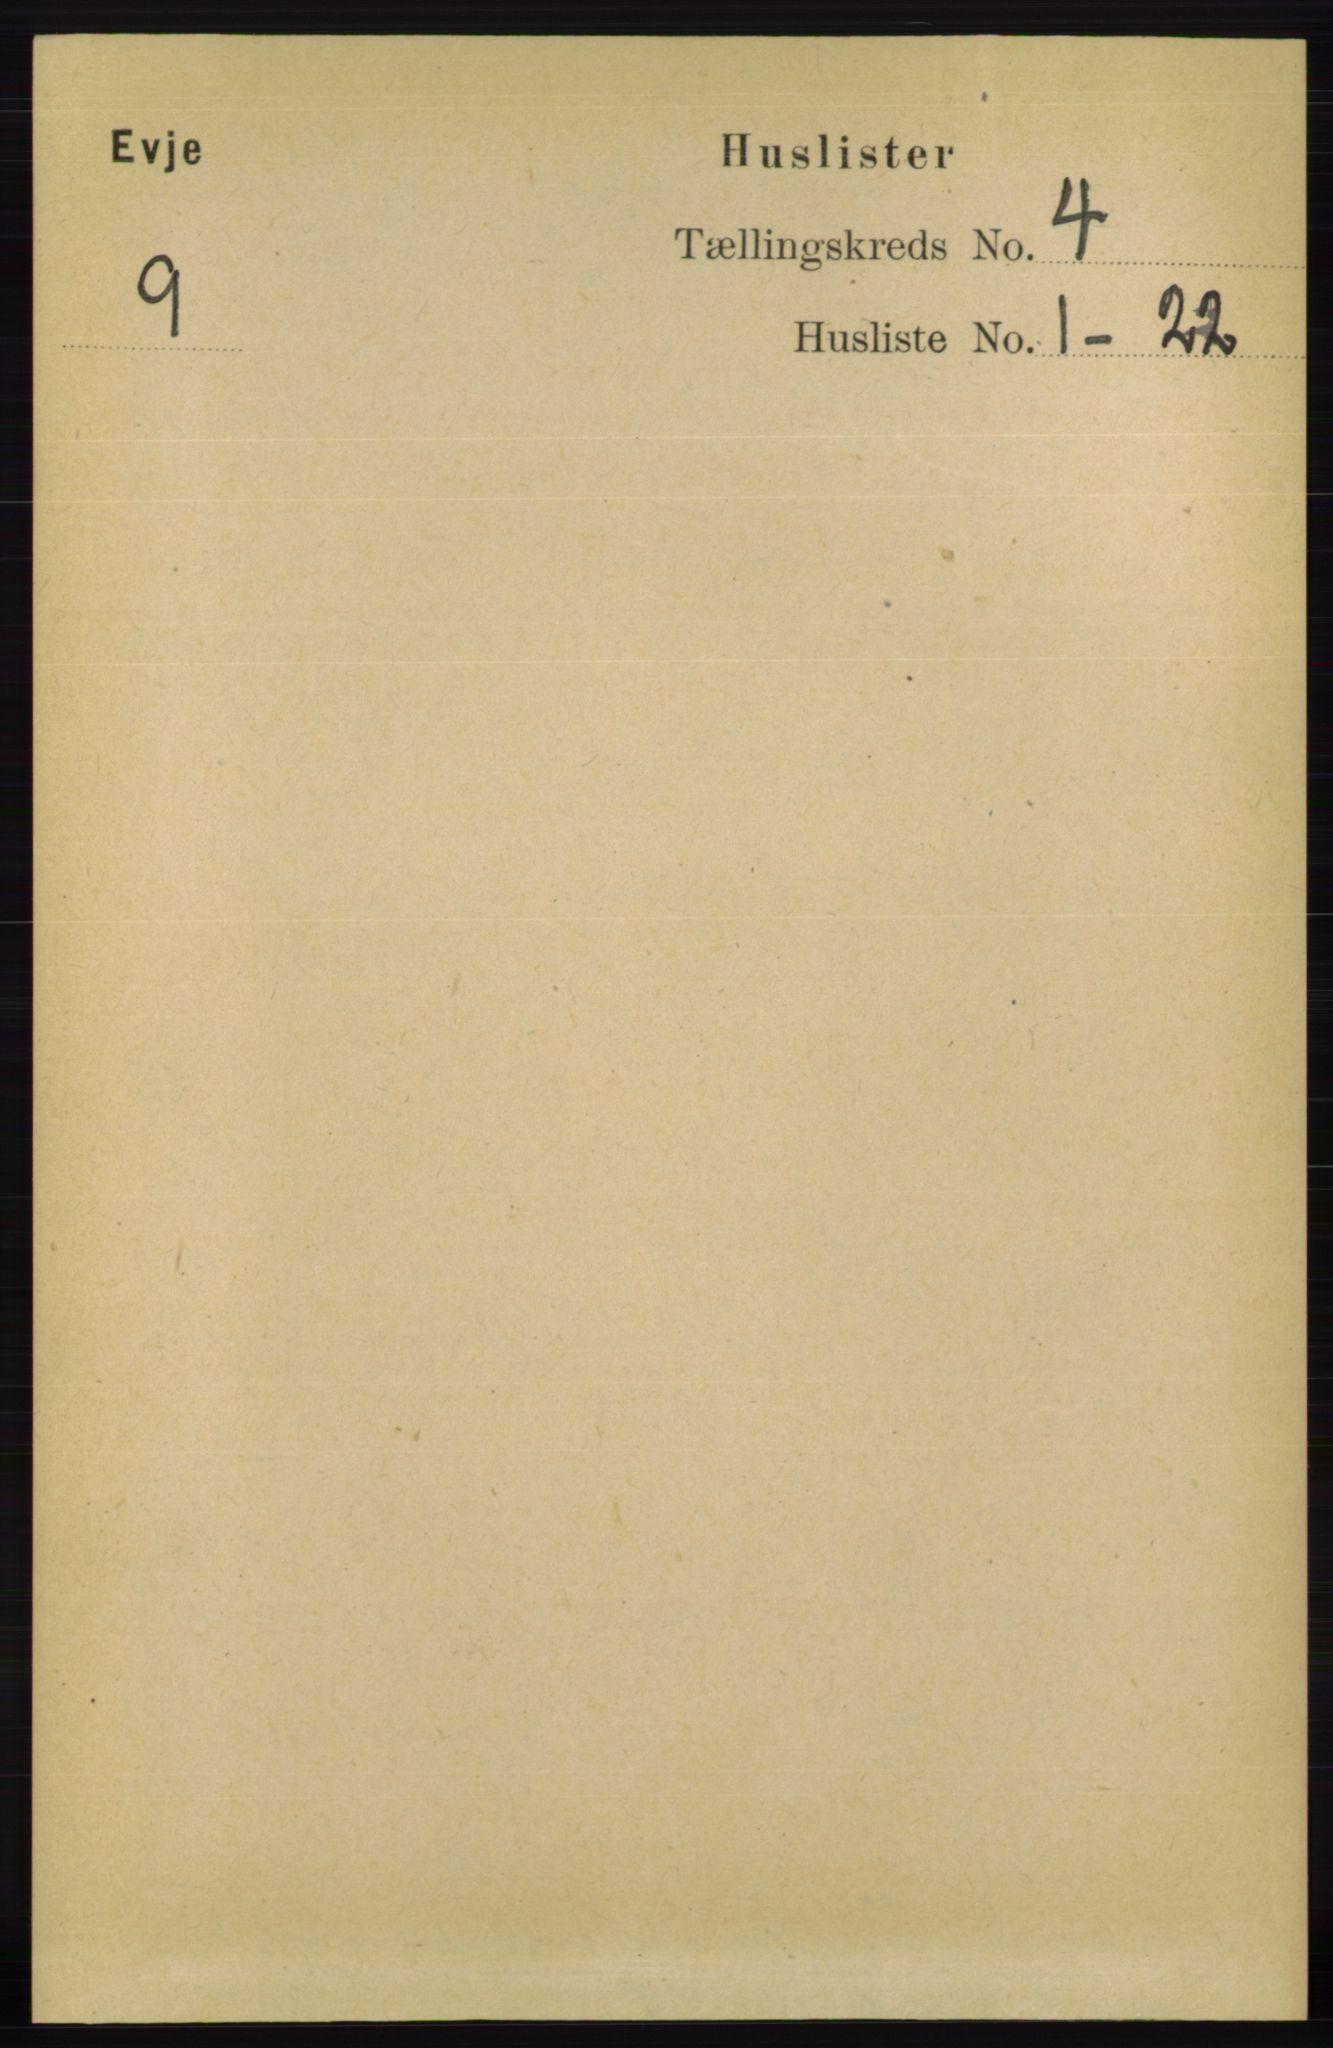 RA, Folketelling 1891 for 0937 Evje herred, 1891, s. 924